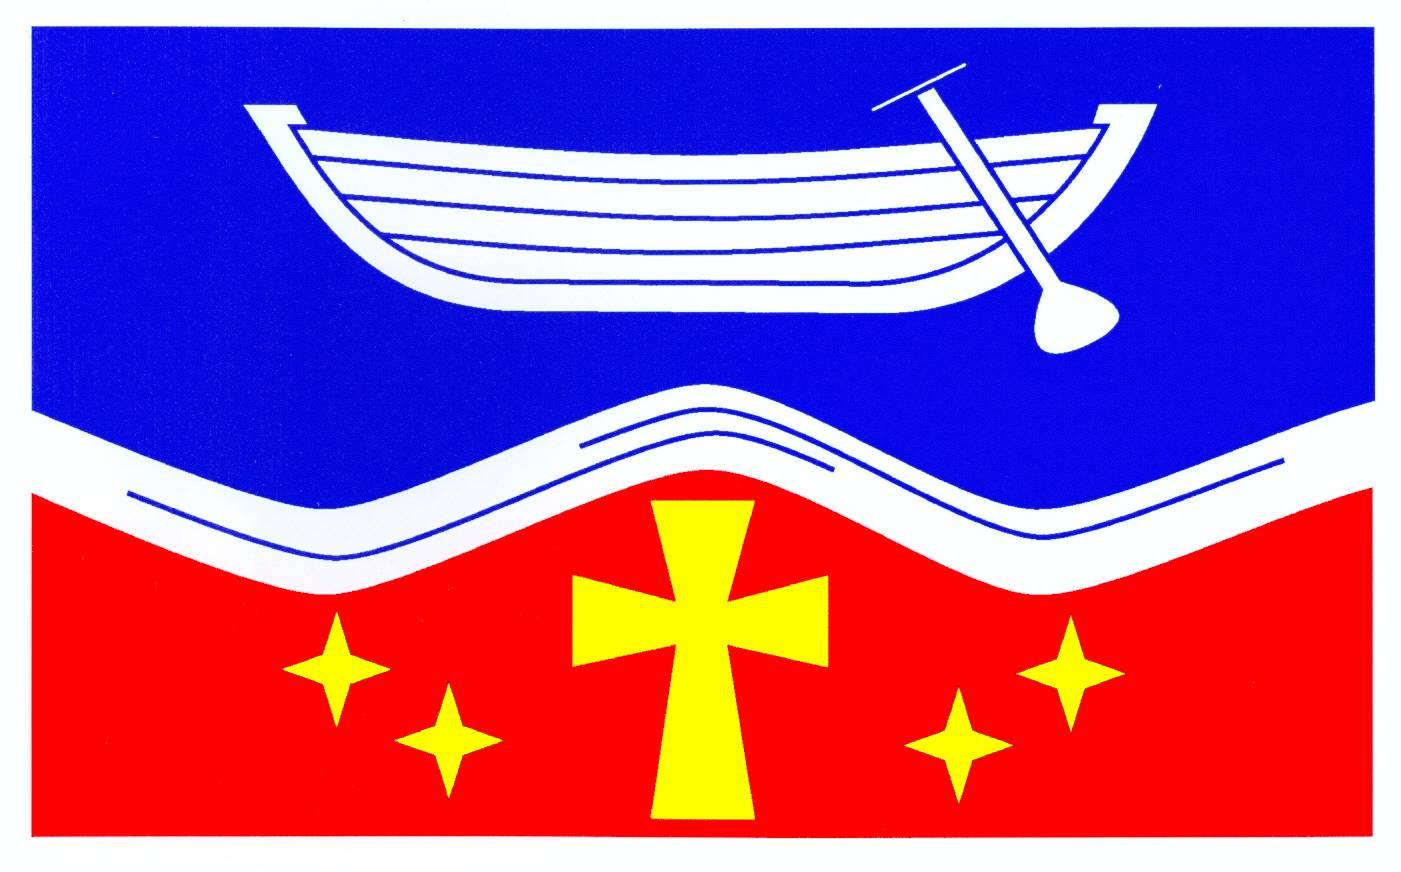 Flagge GemeindeBarnitz, Kreis Stormarn